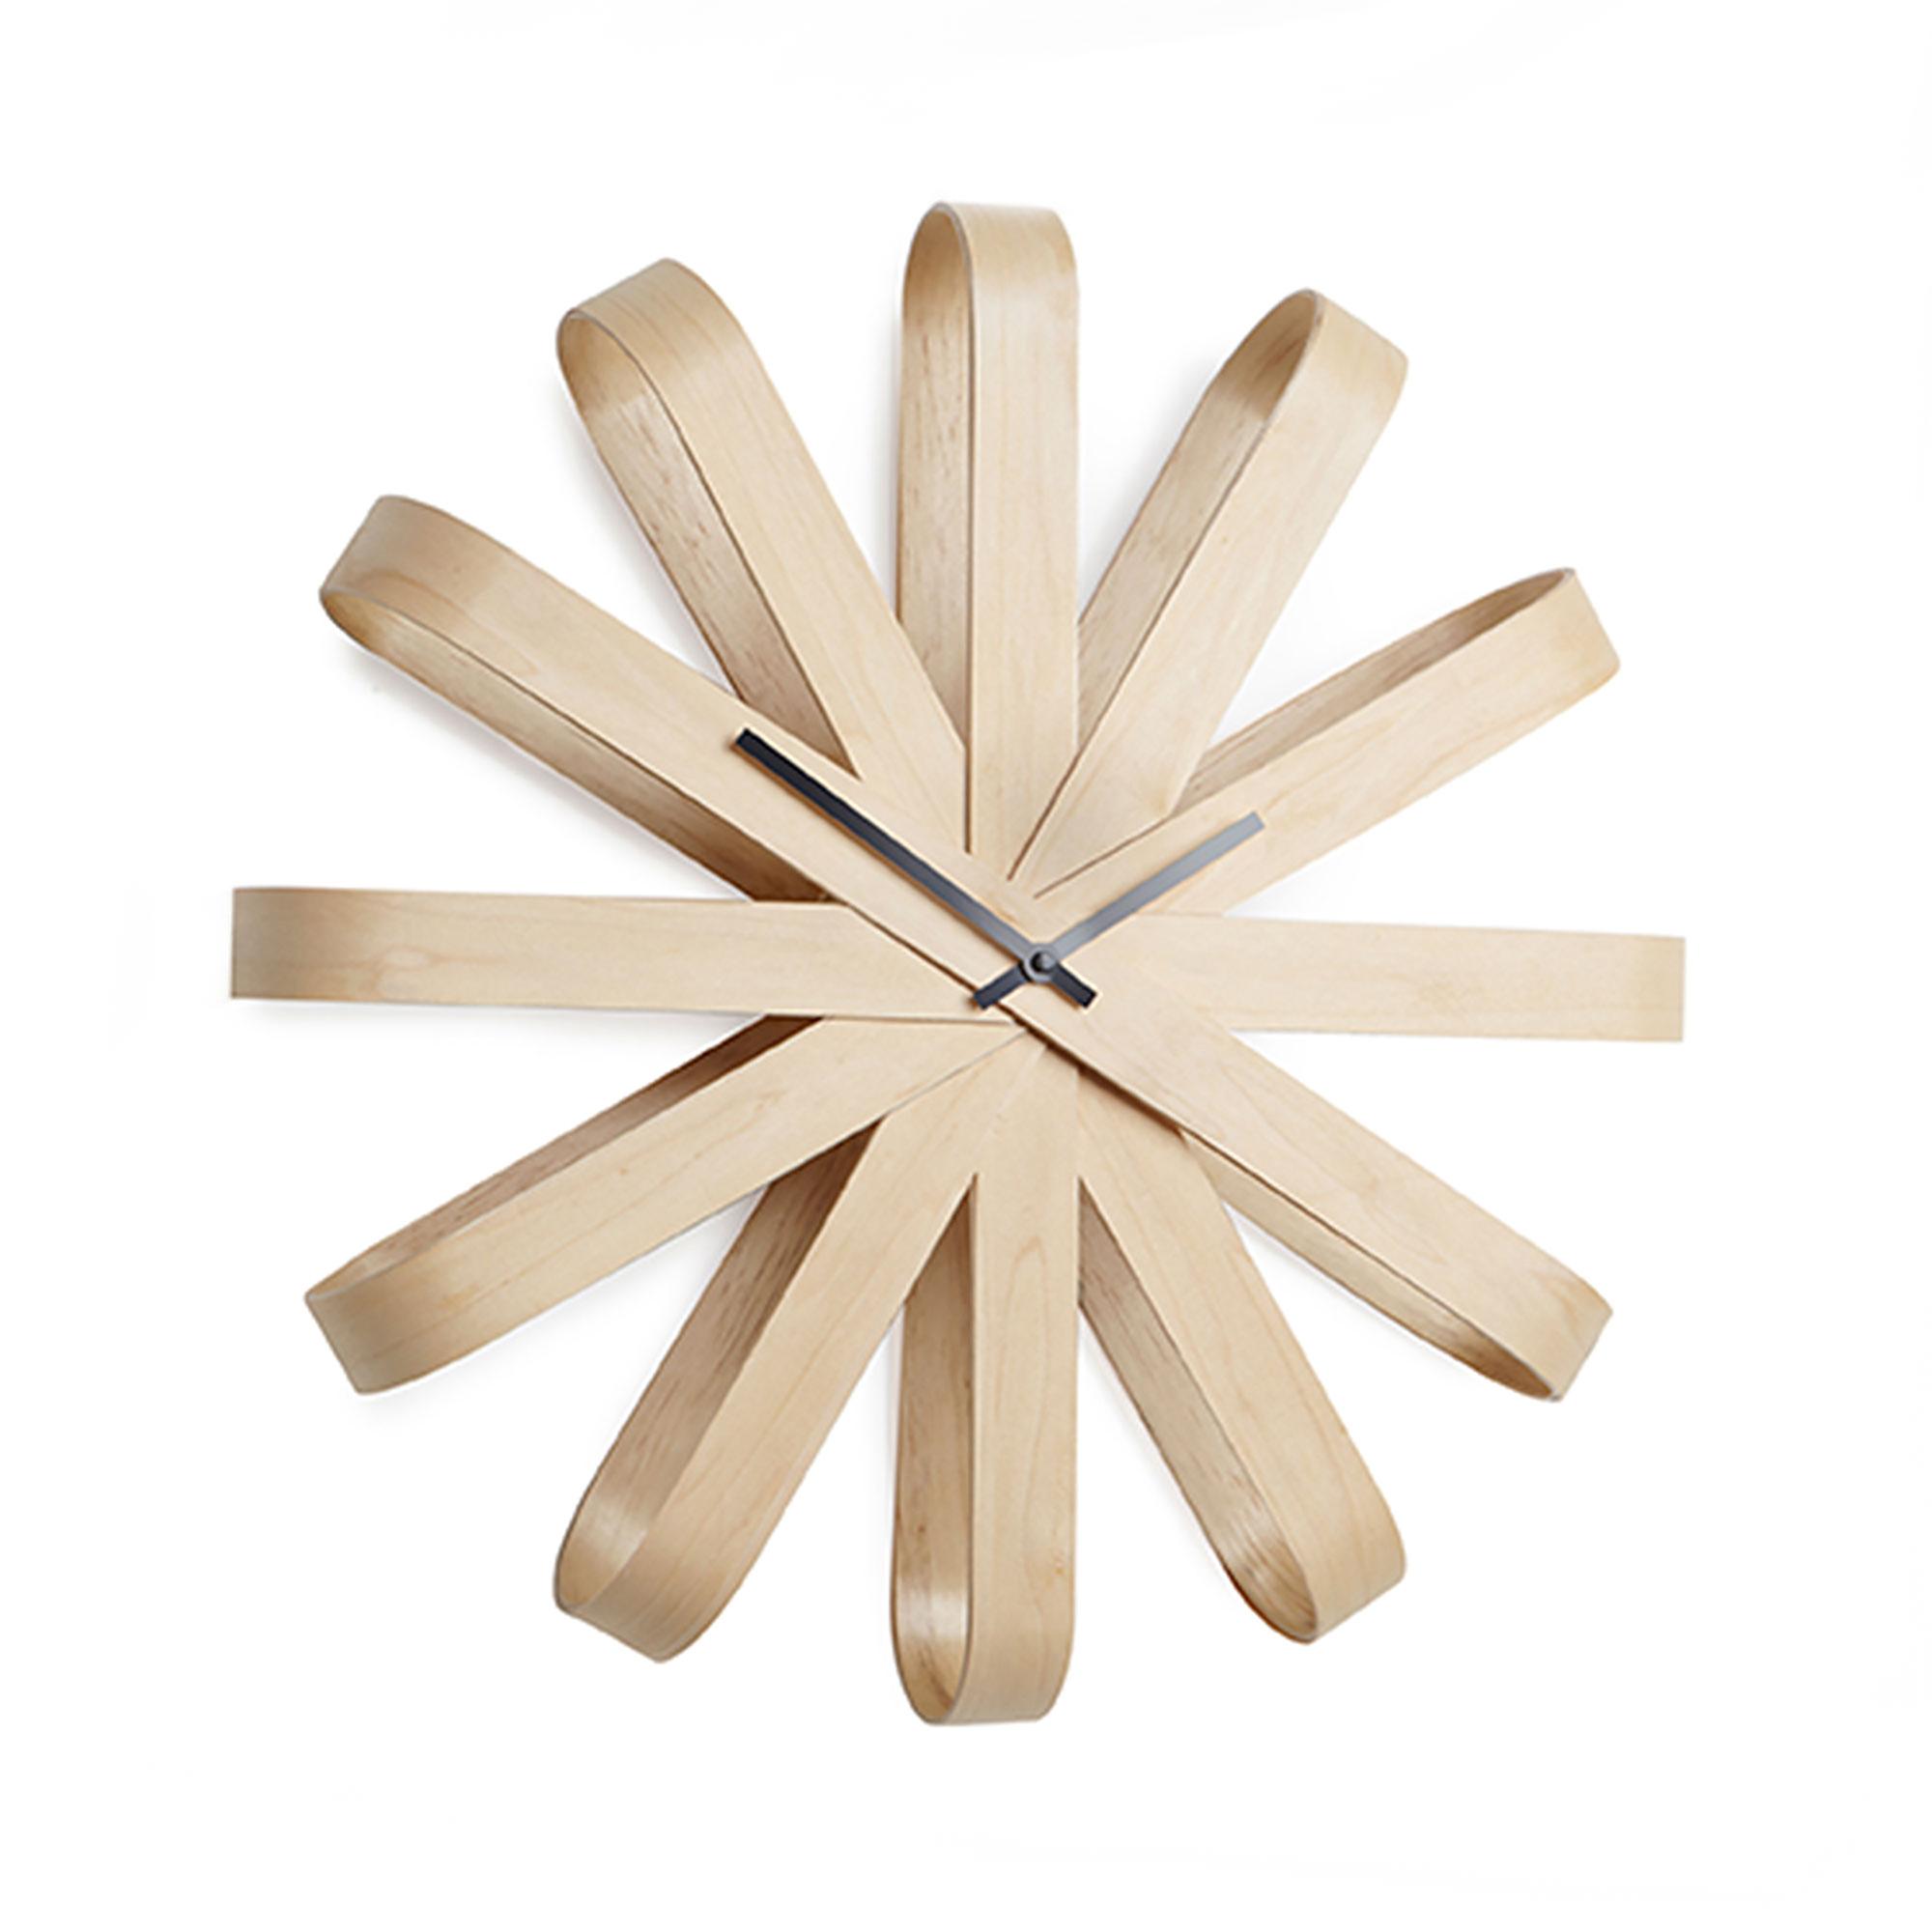 kitchen clocks 15 best kitchen wall clocks - stylish clock ideas for kitchens FISHEJQ